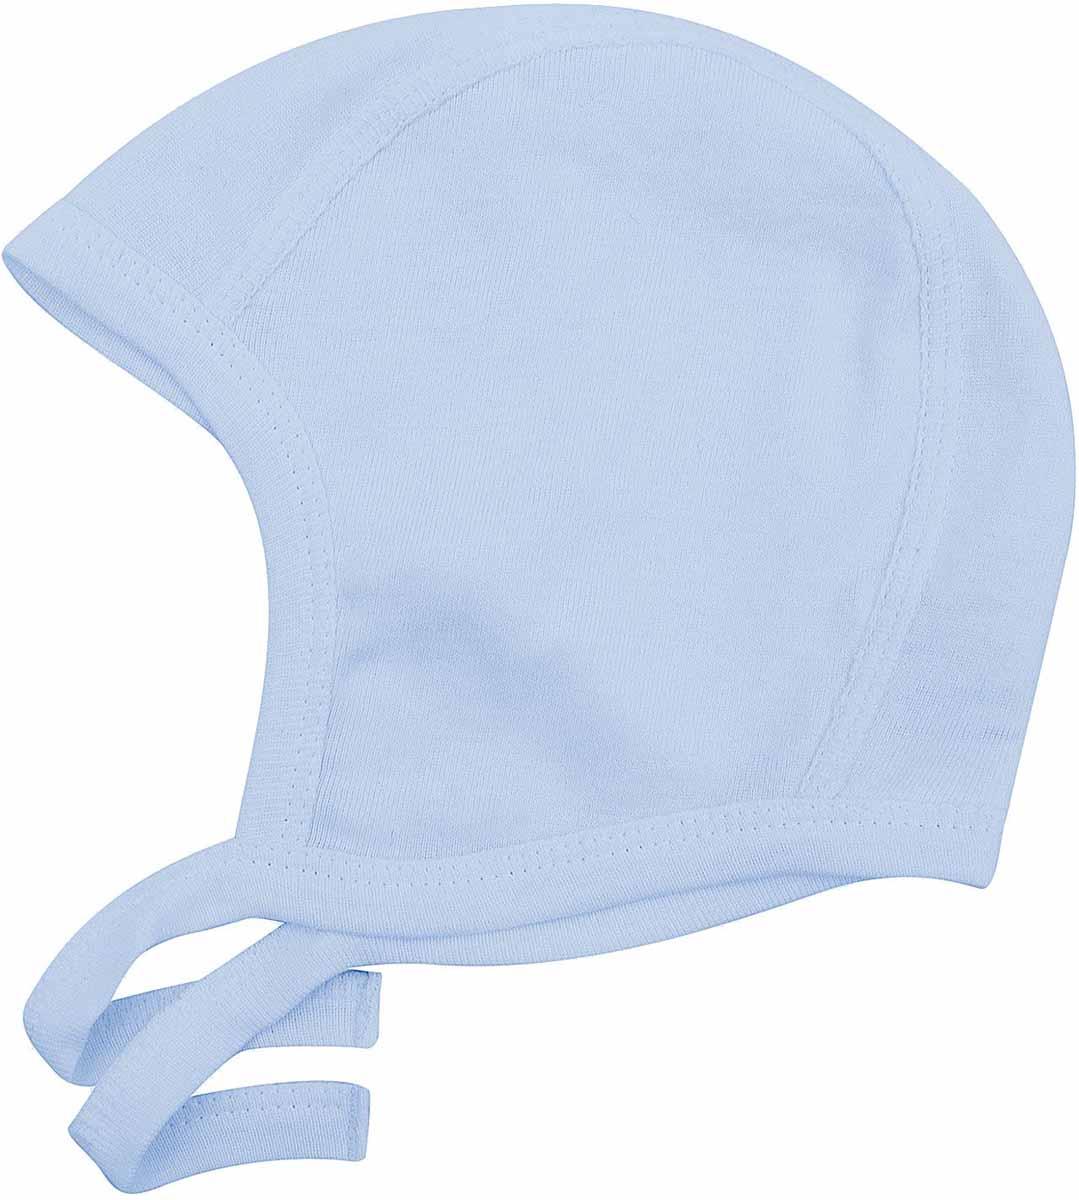 Чепчик для мальчиков Axiome De Mode, цвет: голубой. 16-8002. Размер 4116-8002